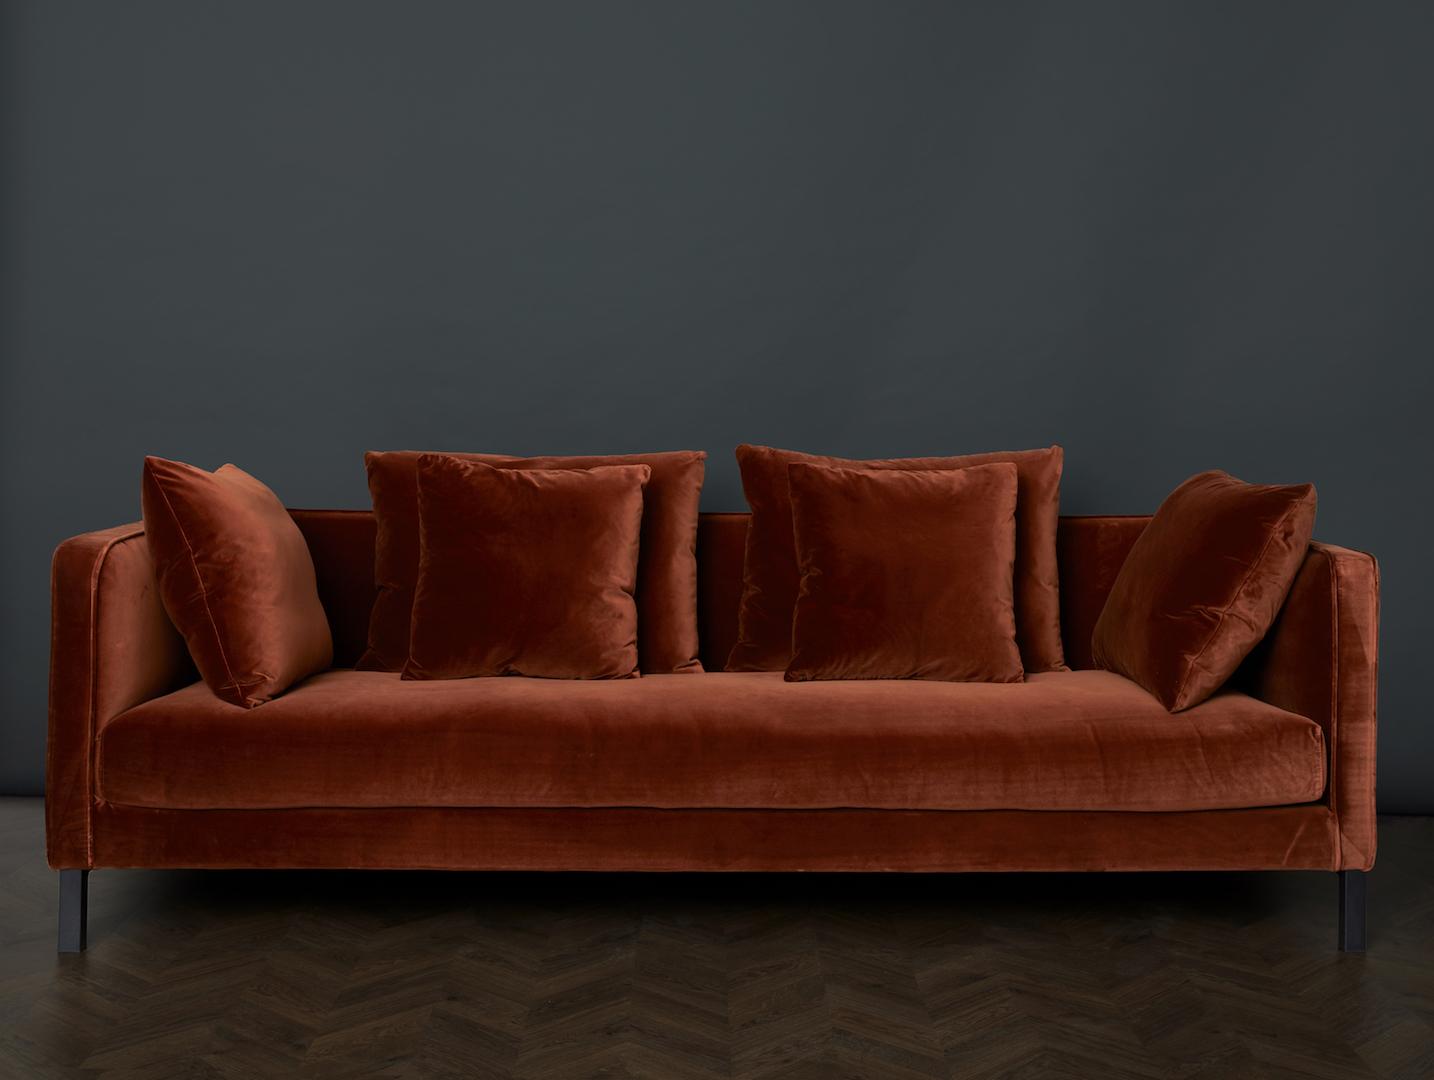 Lägenhetsflytten blev grunden till tre nya möbler